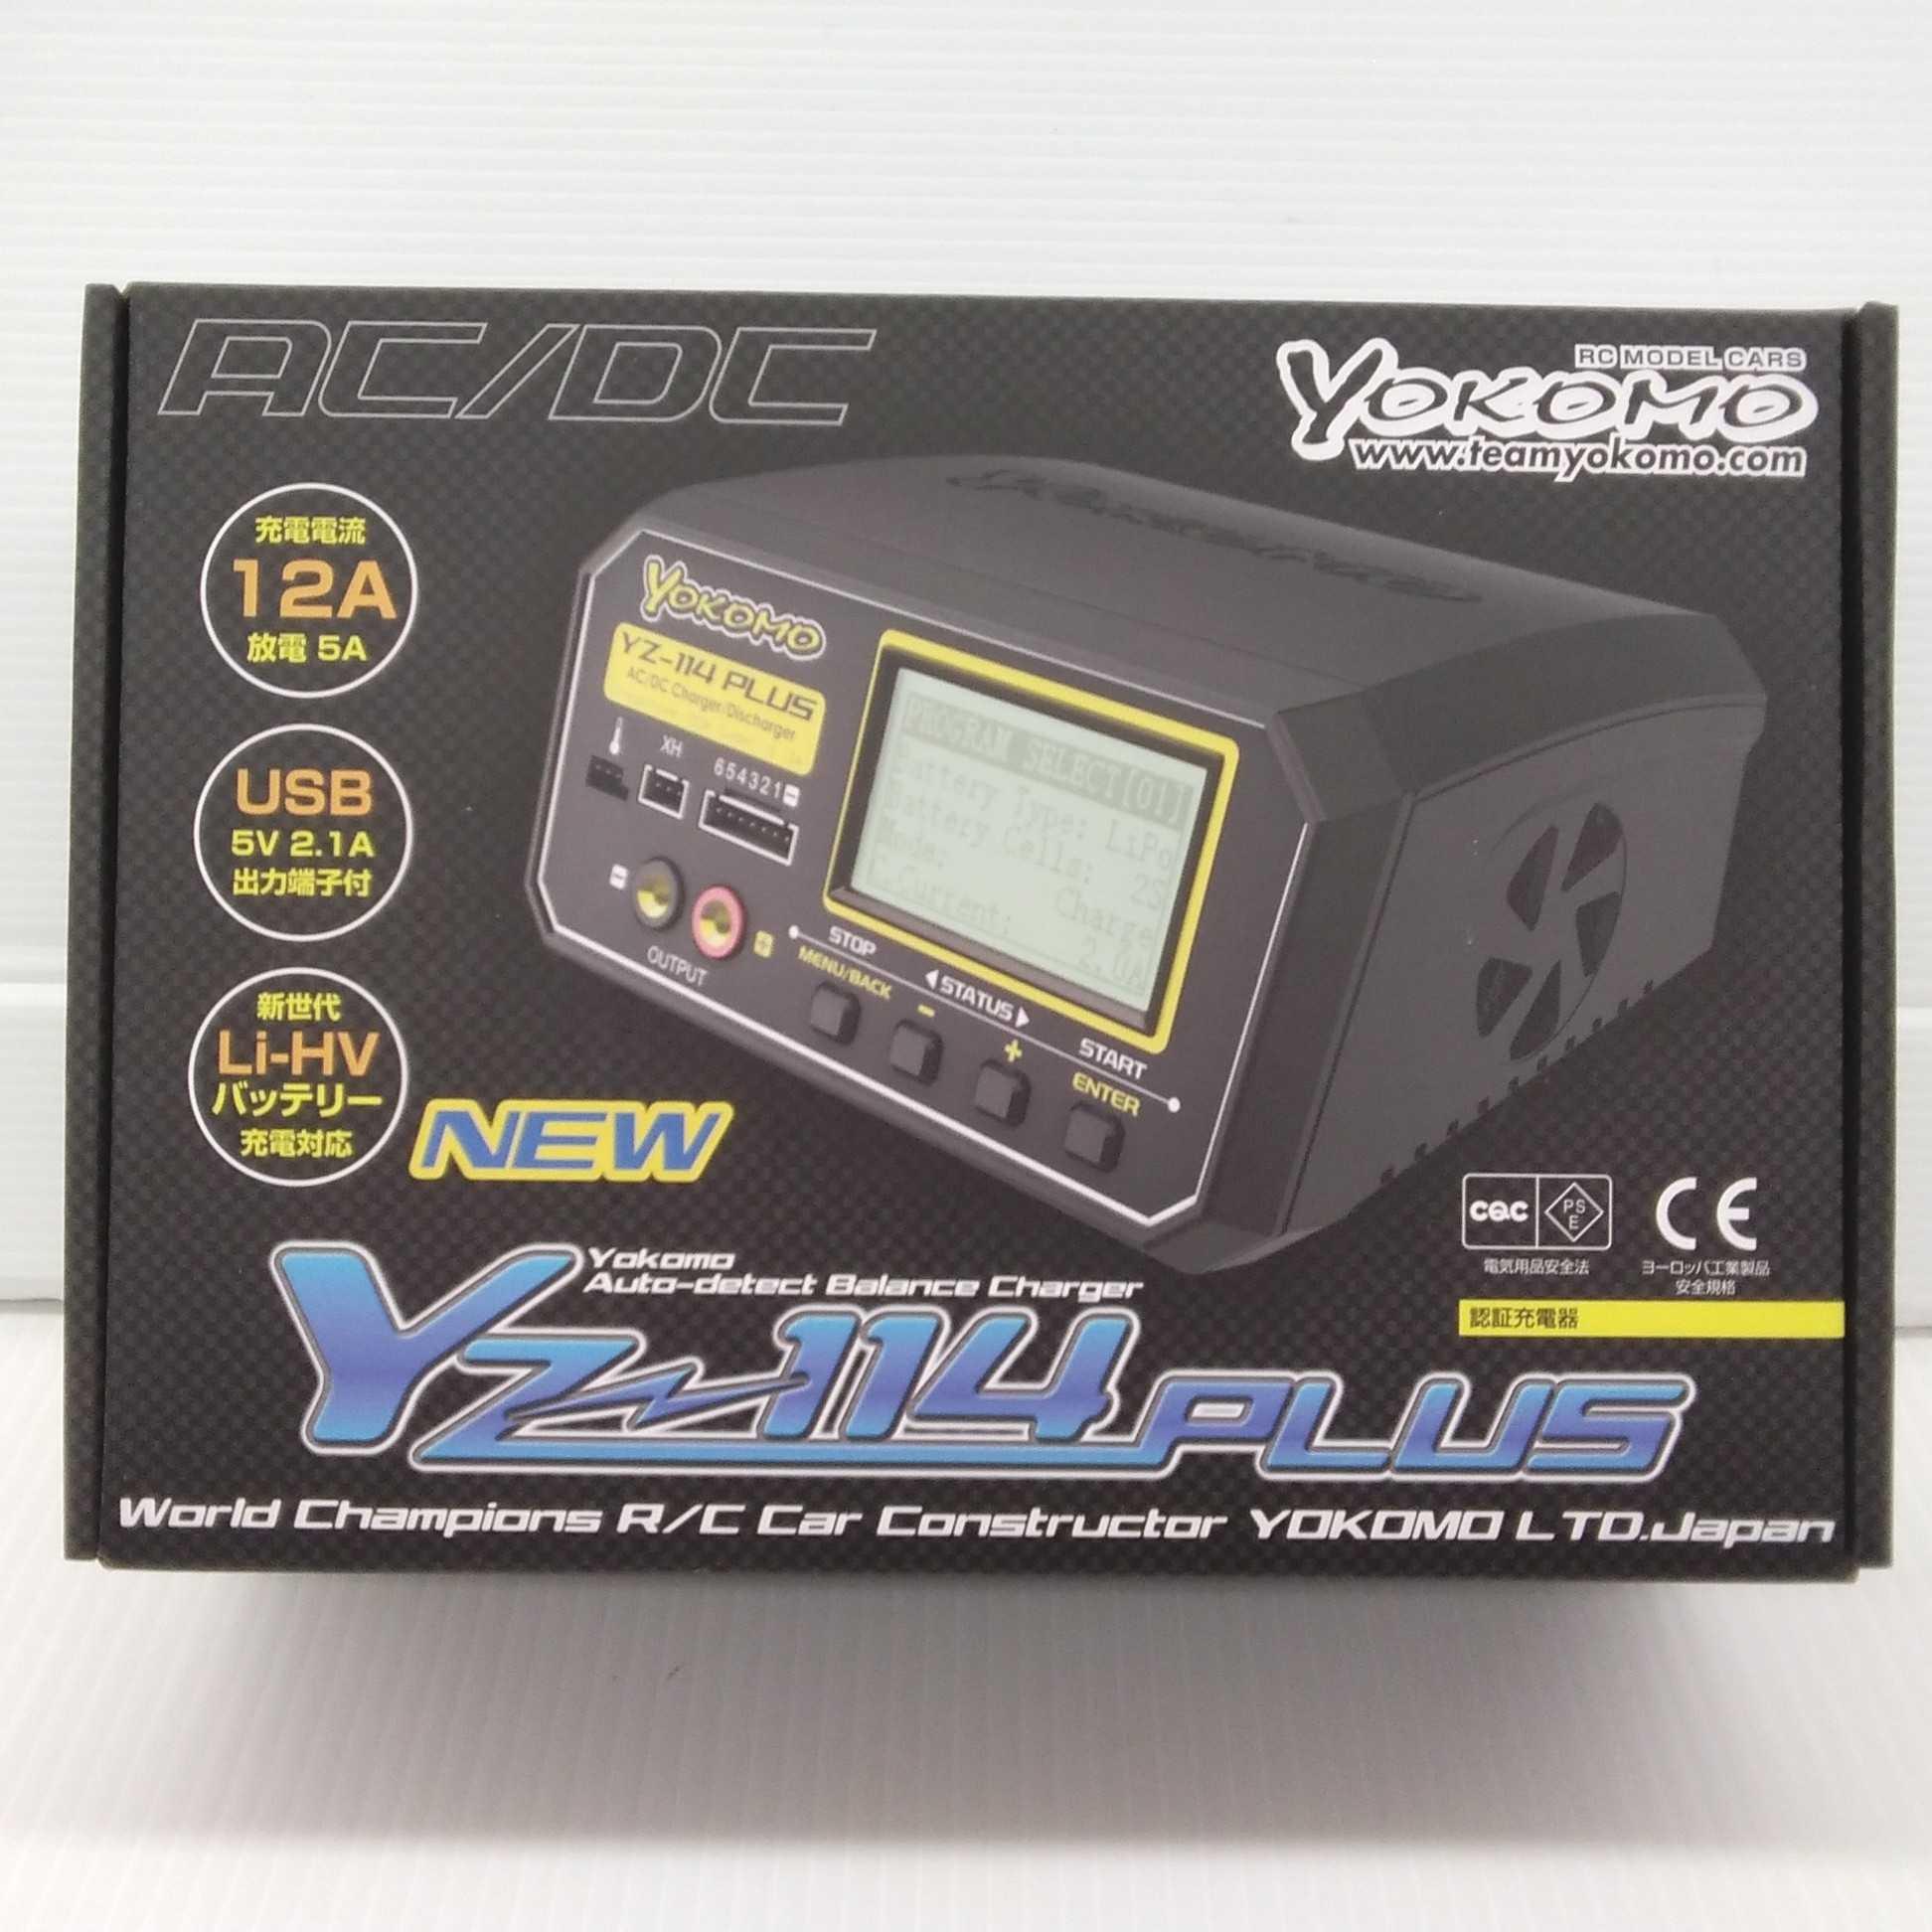 YZ-114 PLUS|YOKOMO